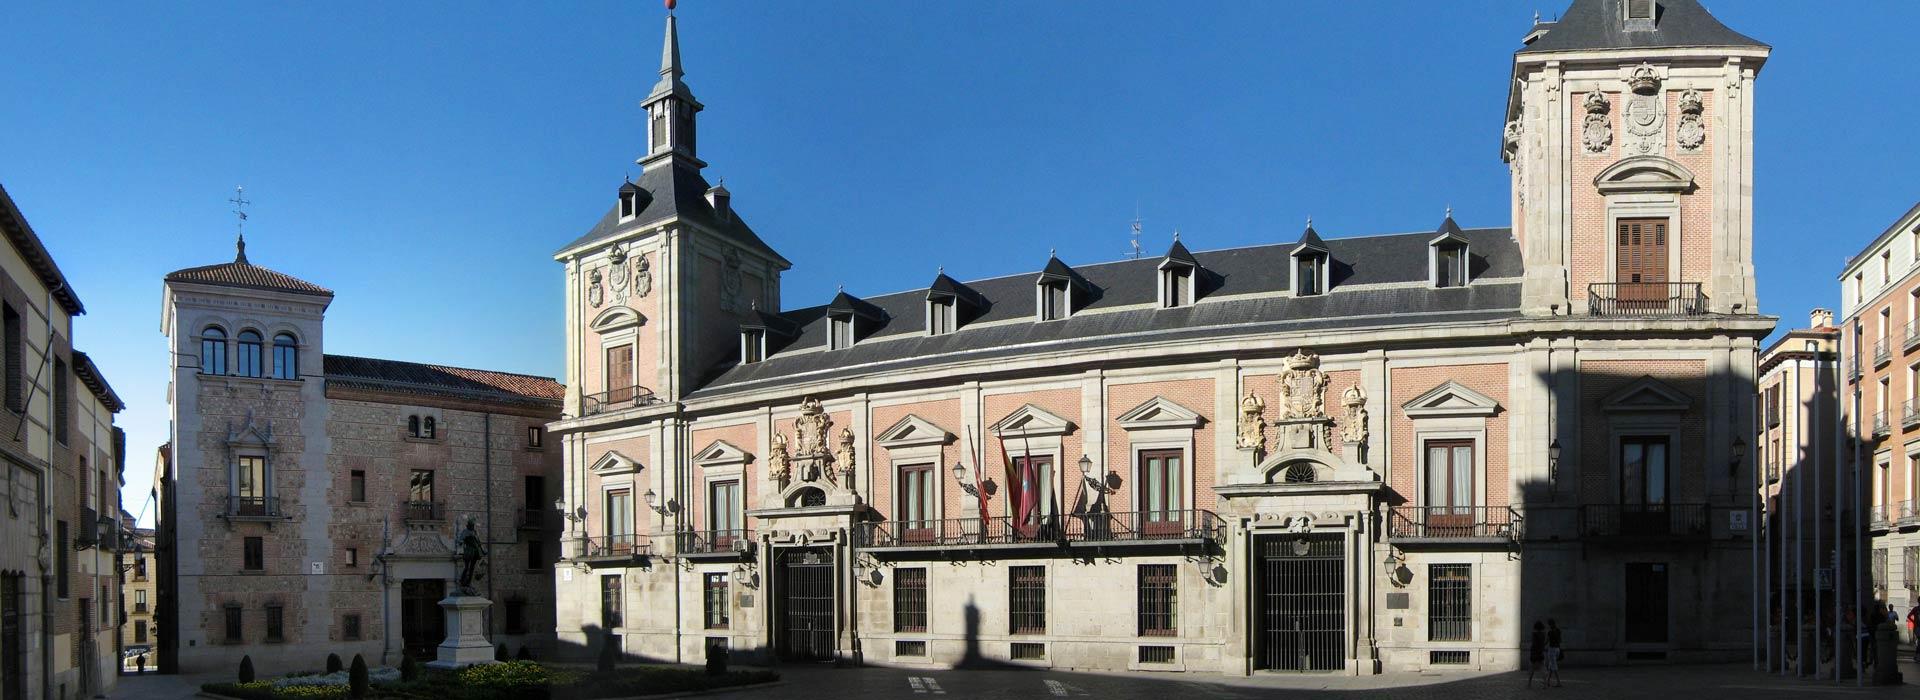 Madrid.Plaza de la Villa